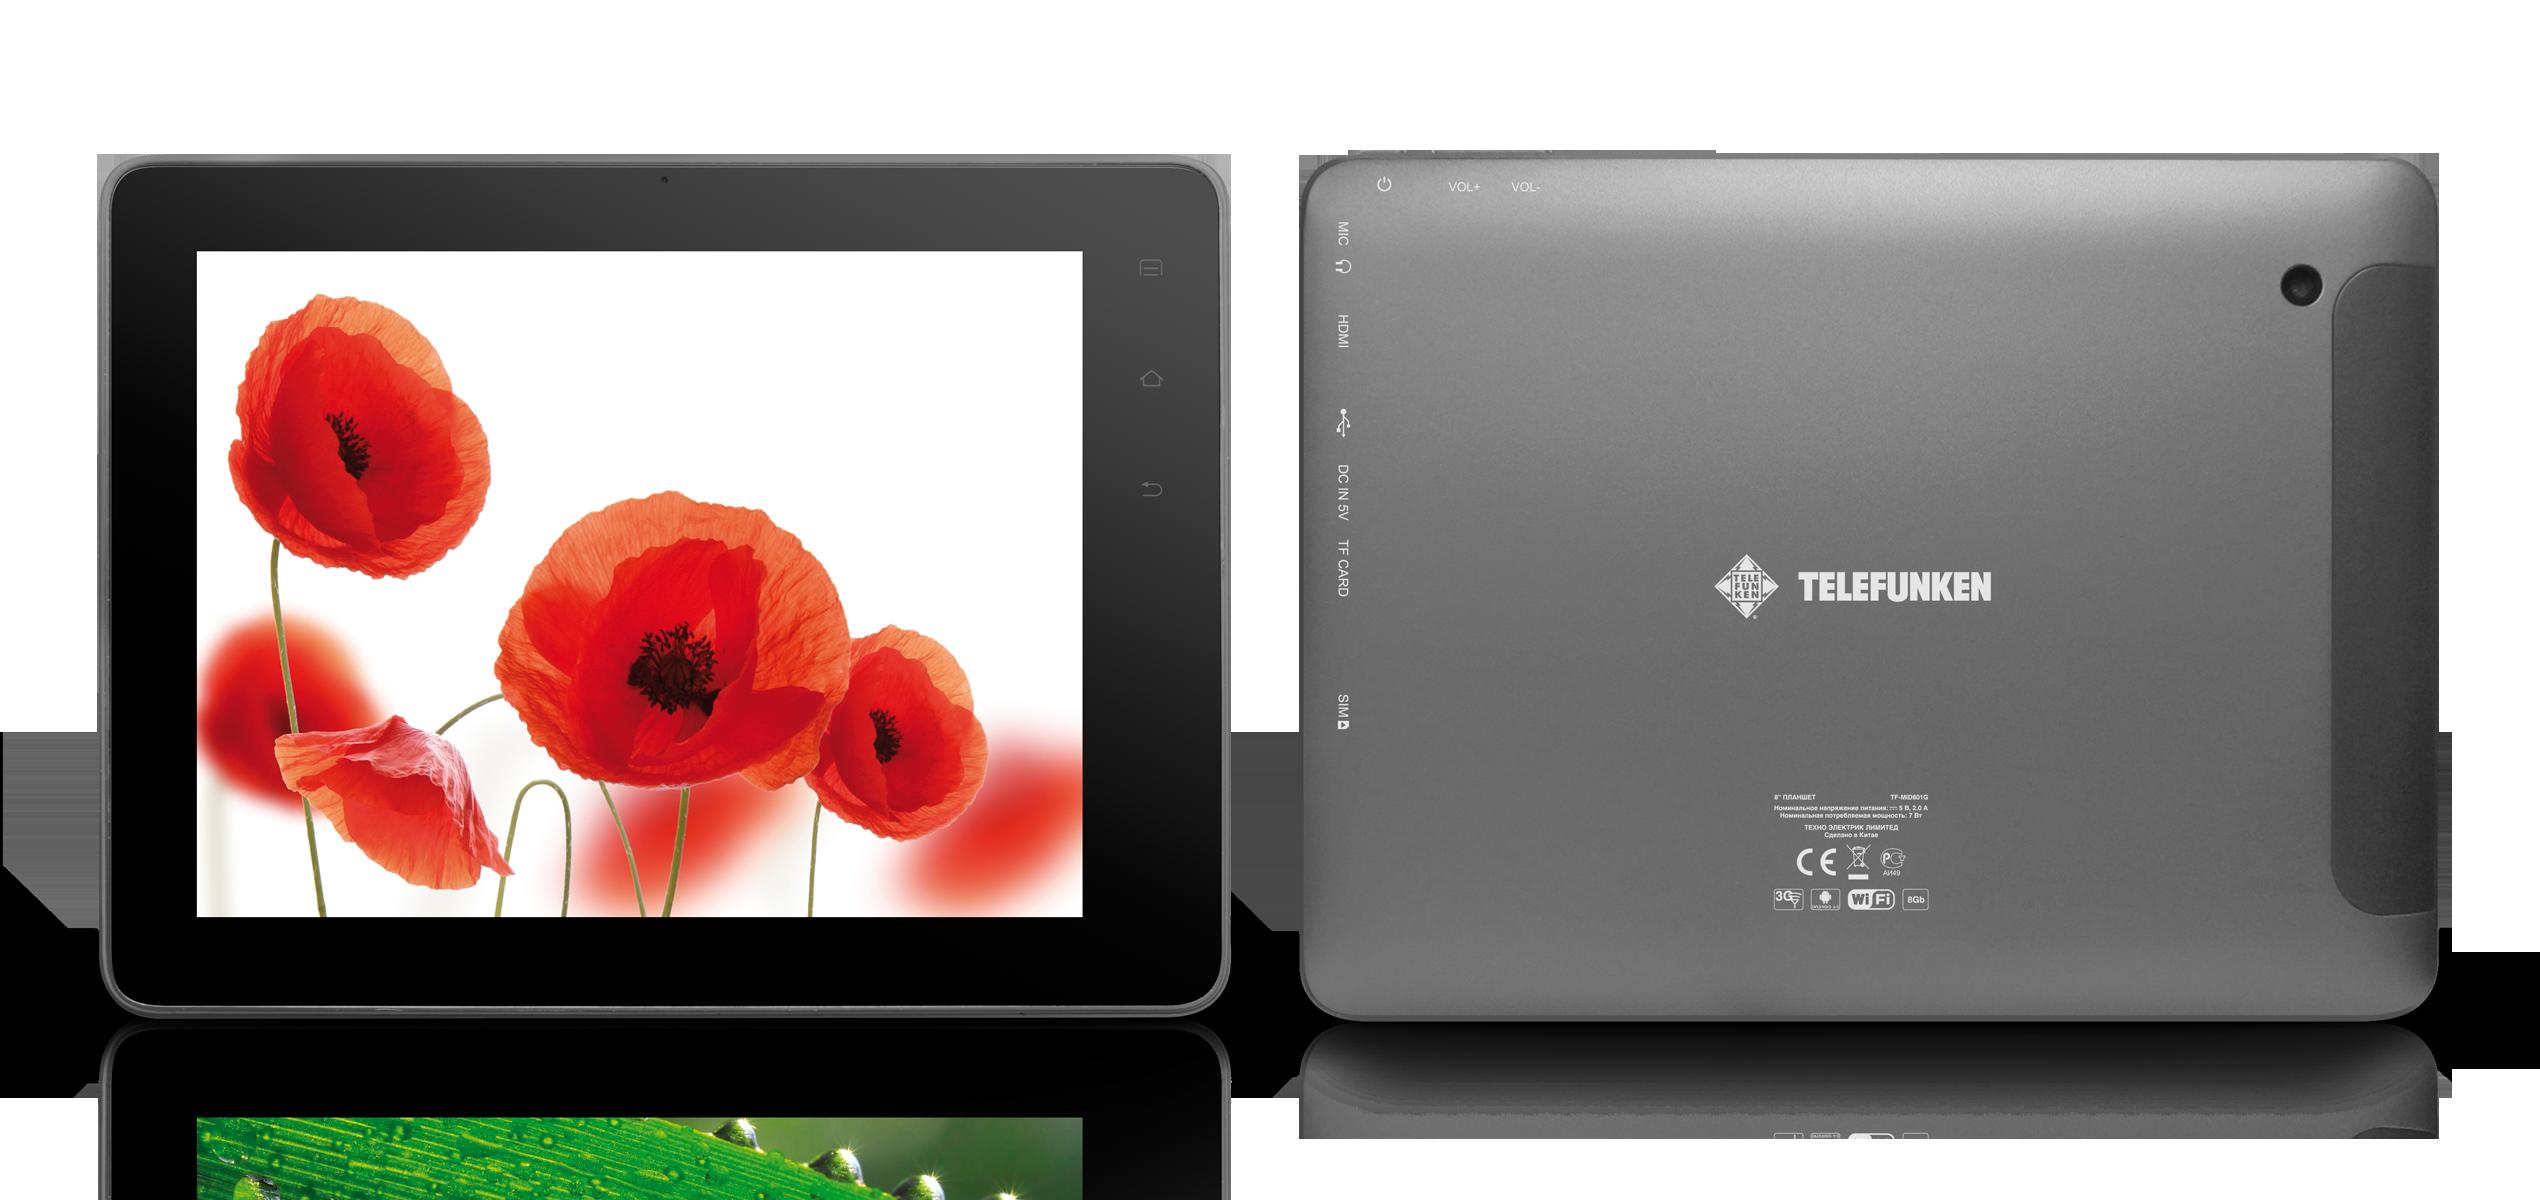 планшеты Telefunken